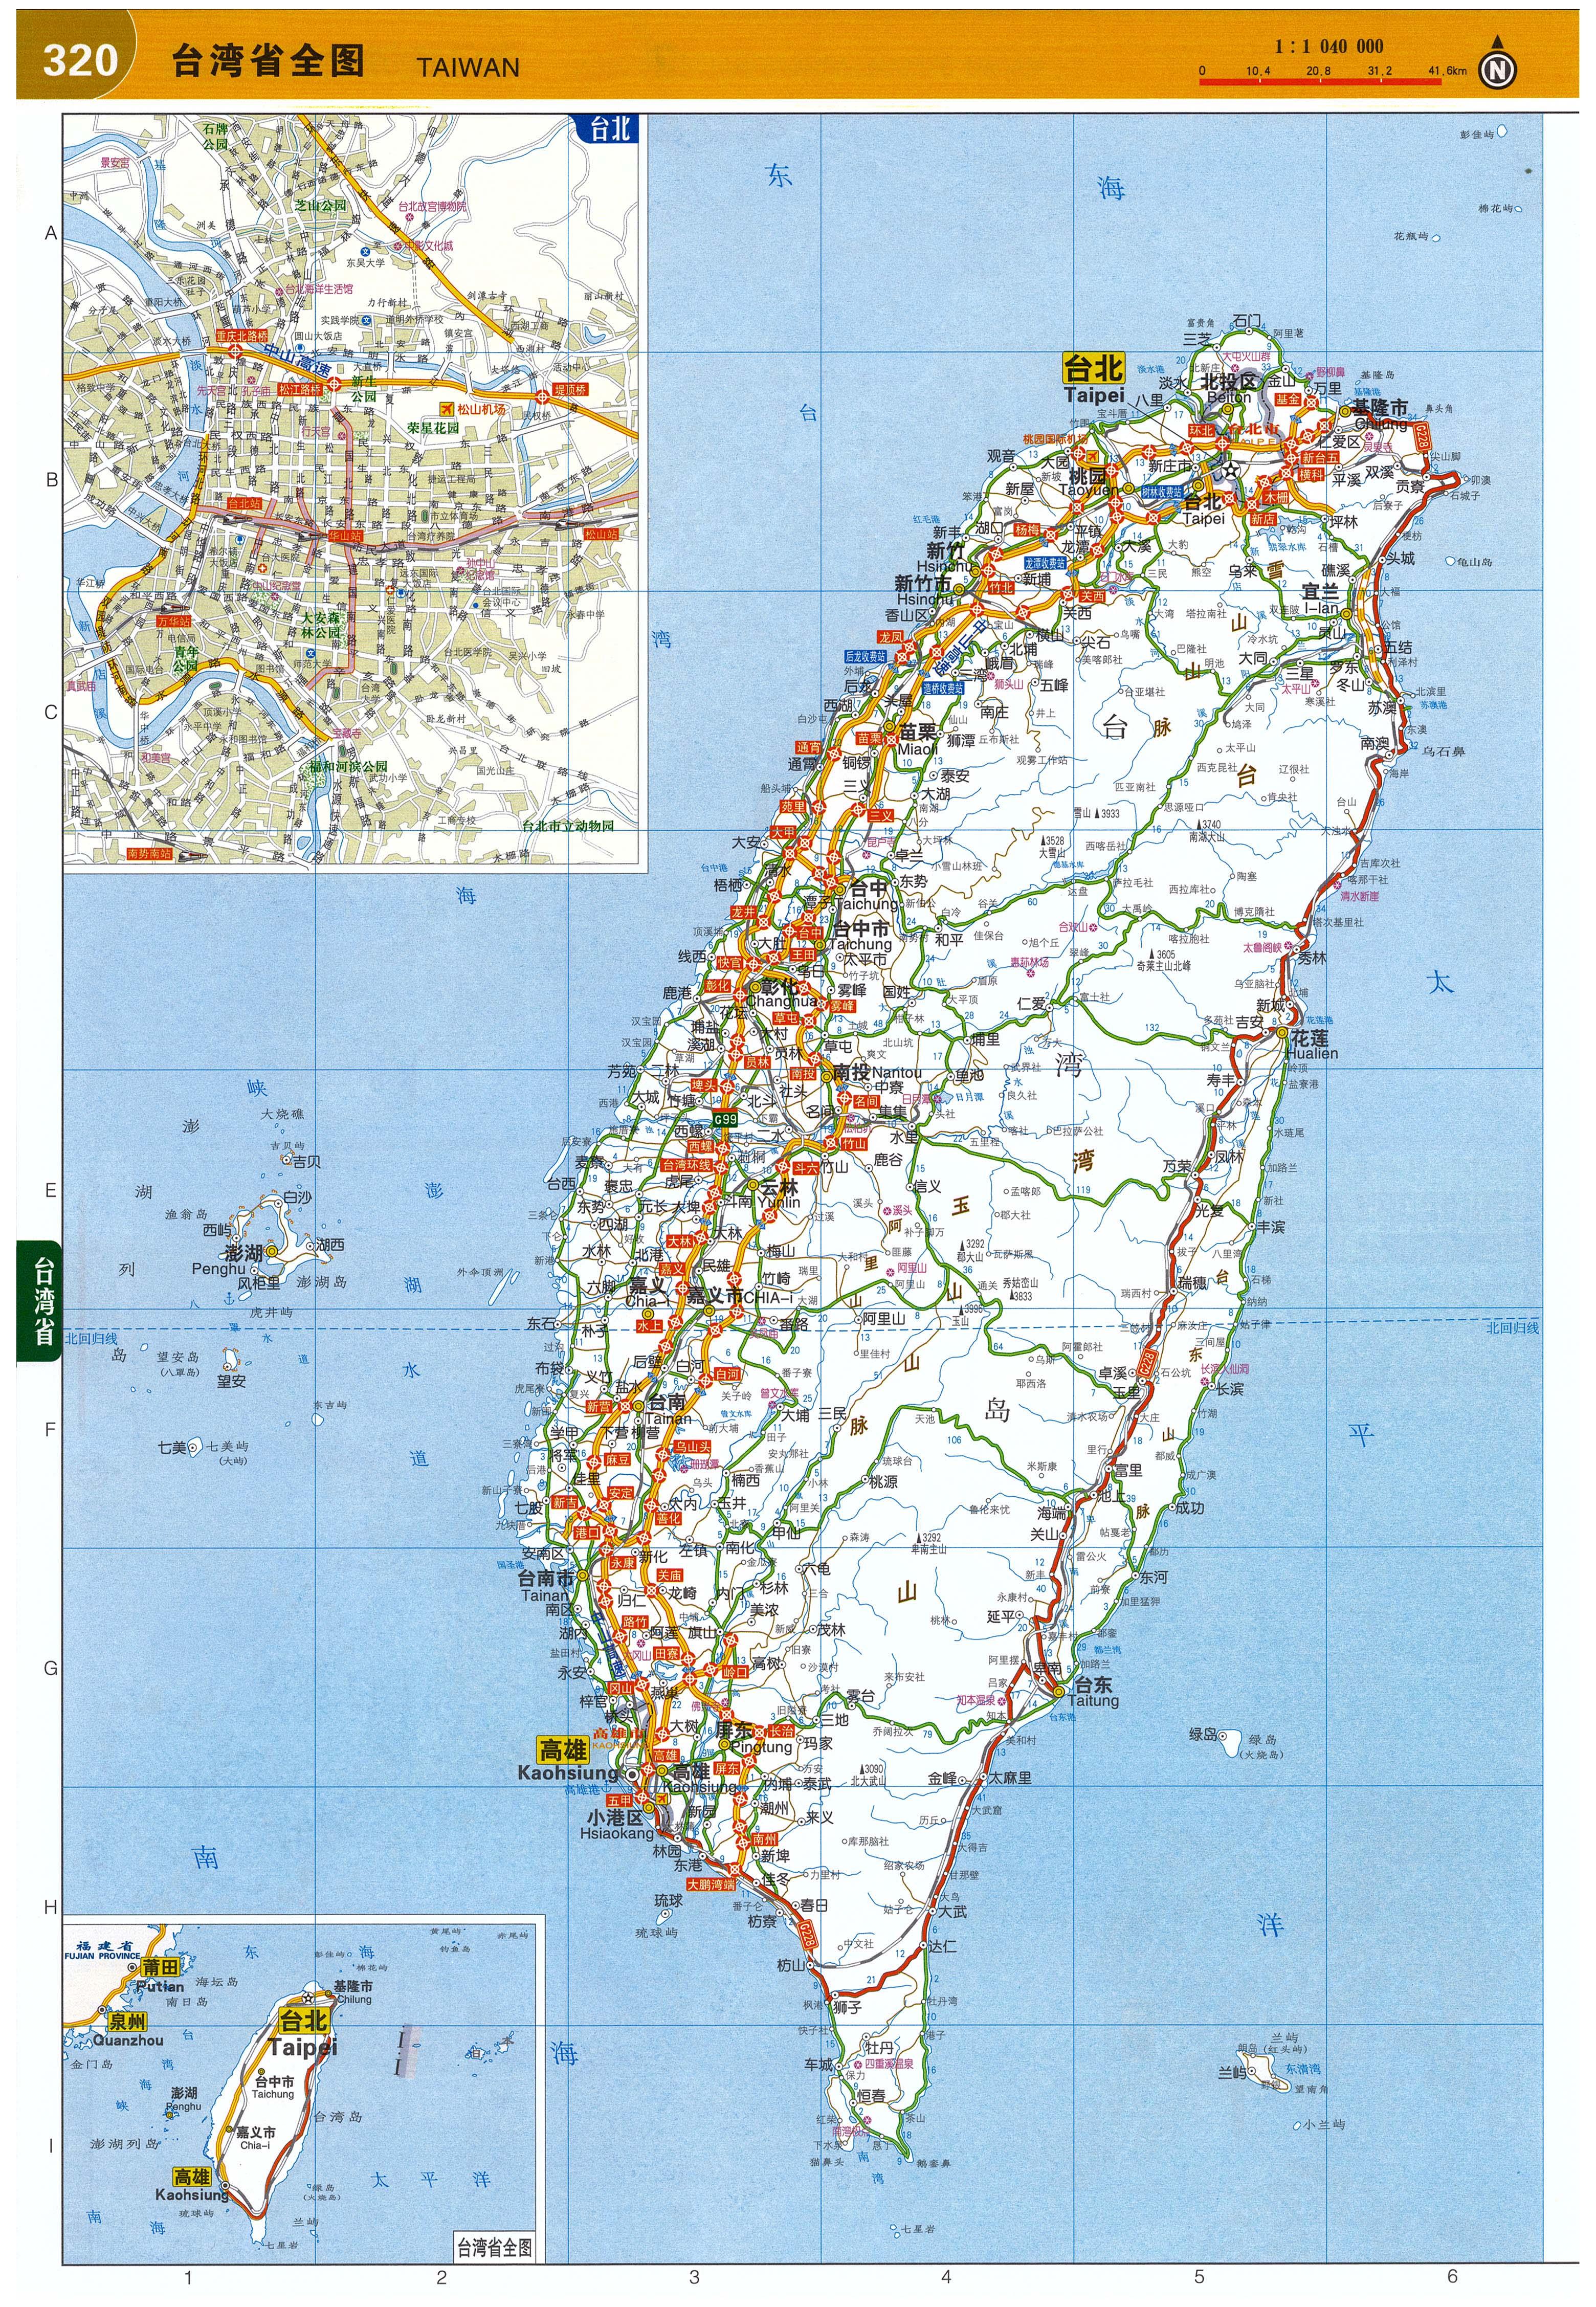 台湾岛地图 台湾地图全图